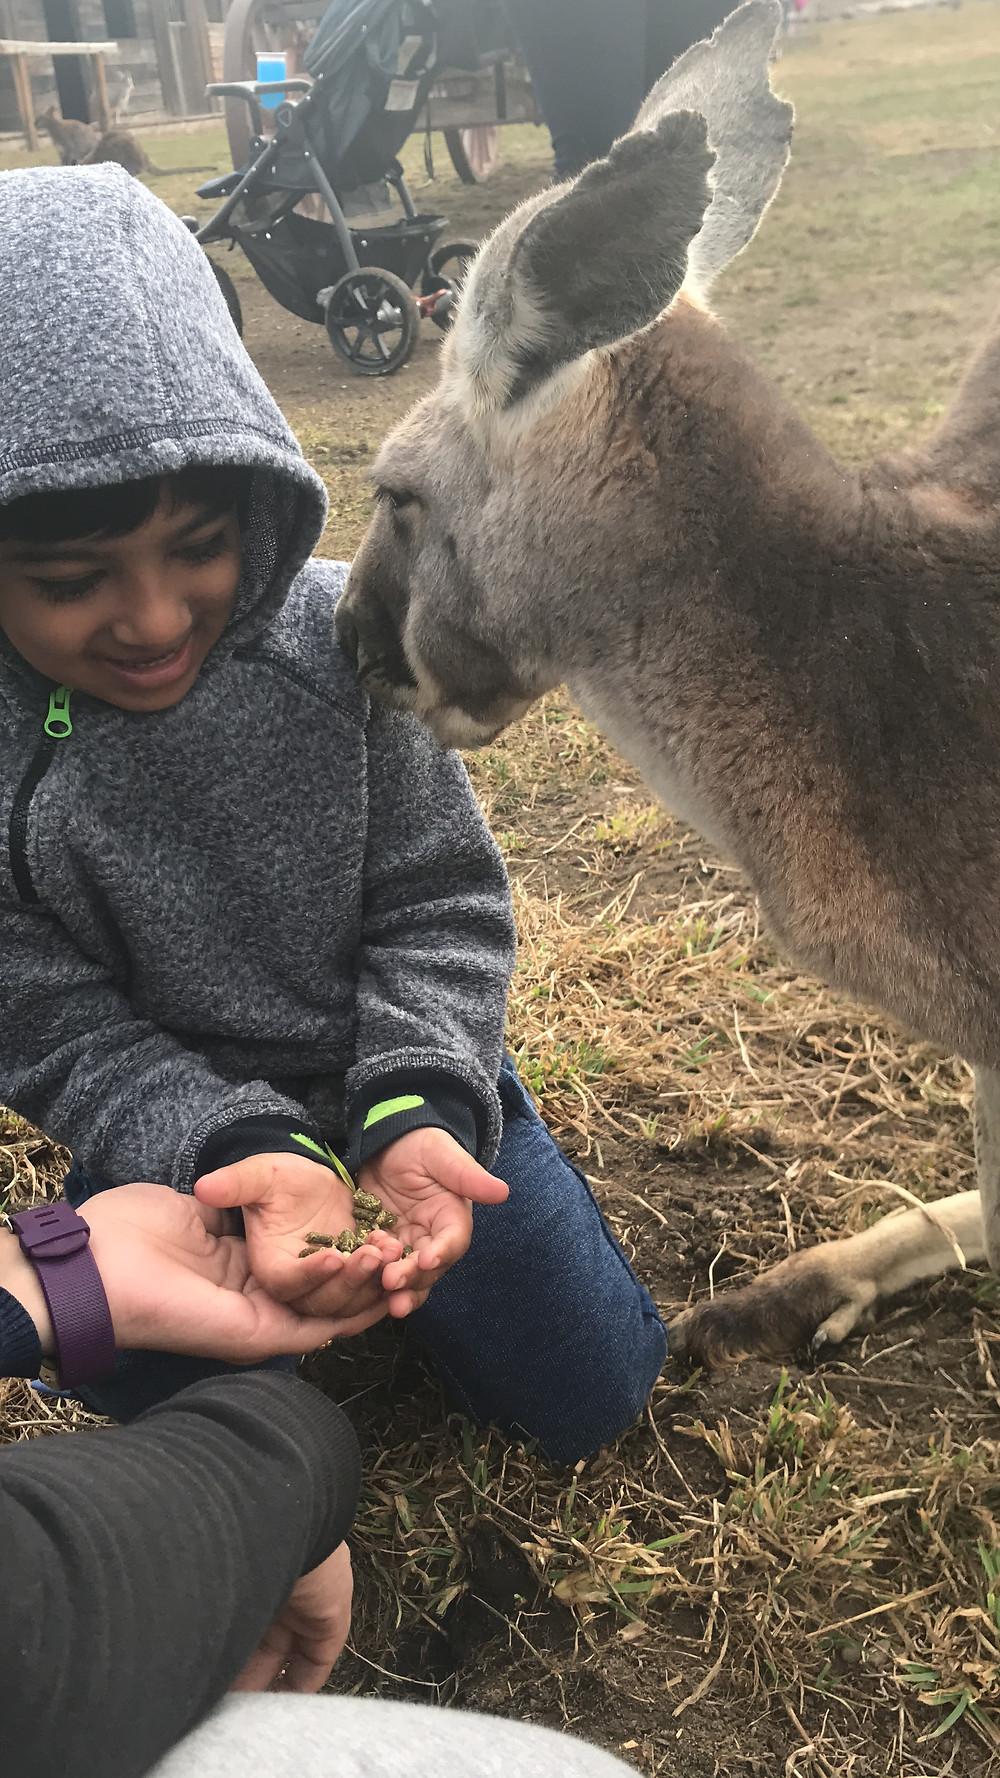 Adhvai feeding a kangaroo in kangaroo form, kelowna, Bc, Canada